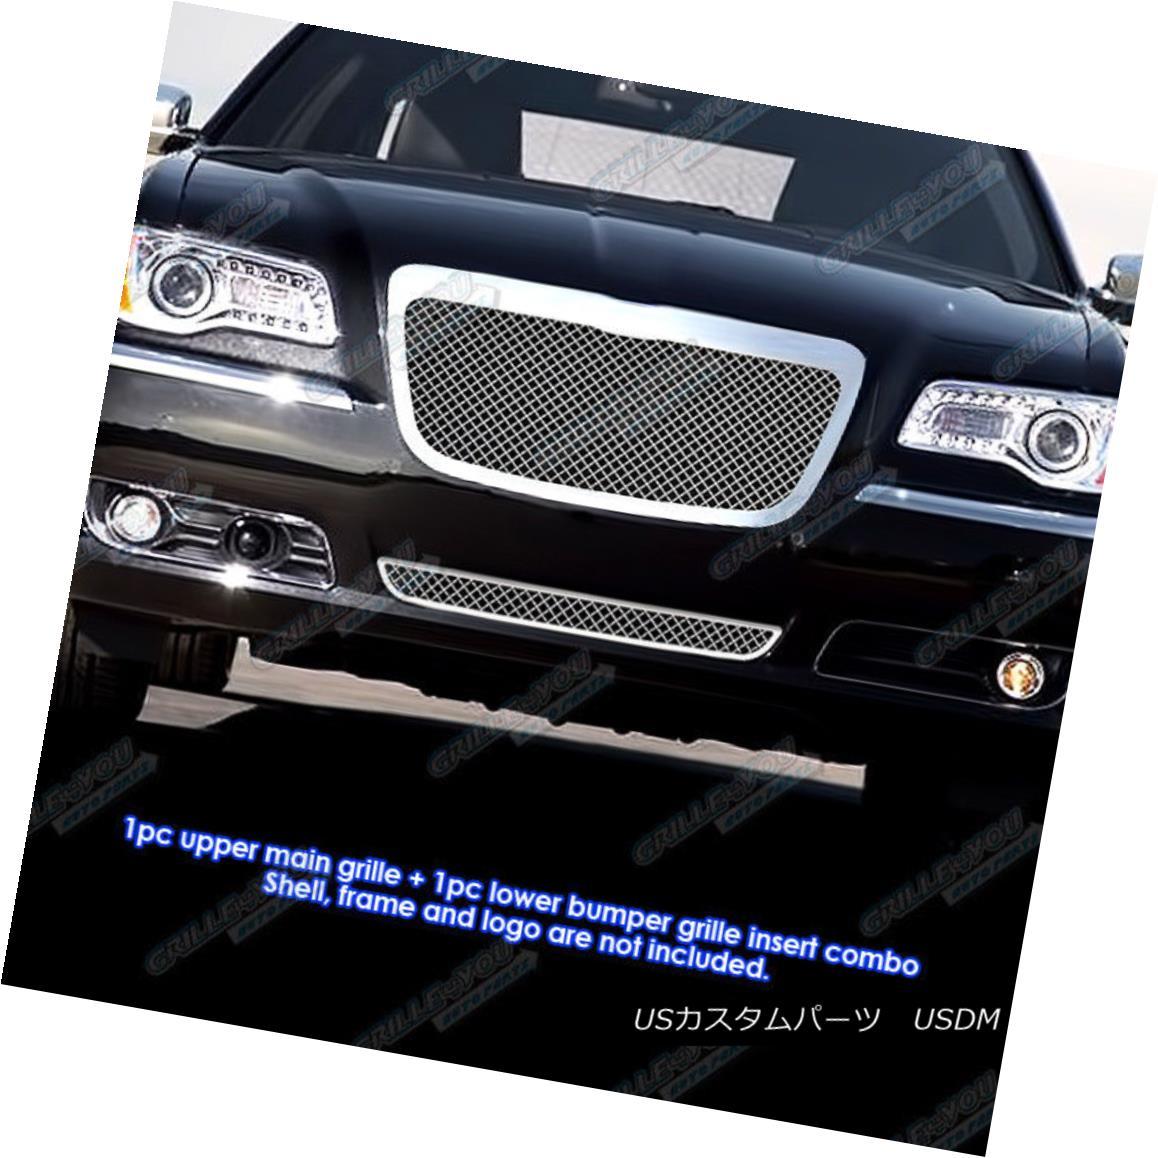 Aluminum Billet Grille Combo For 2011-2014 Chrysler 200